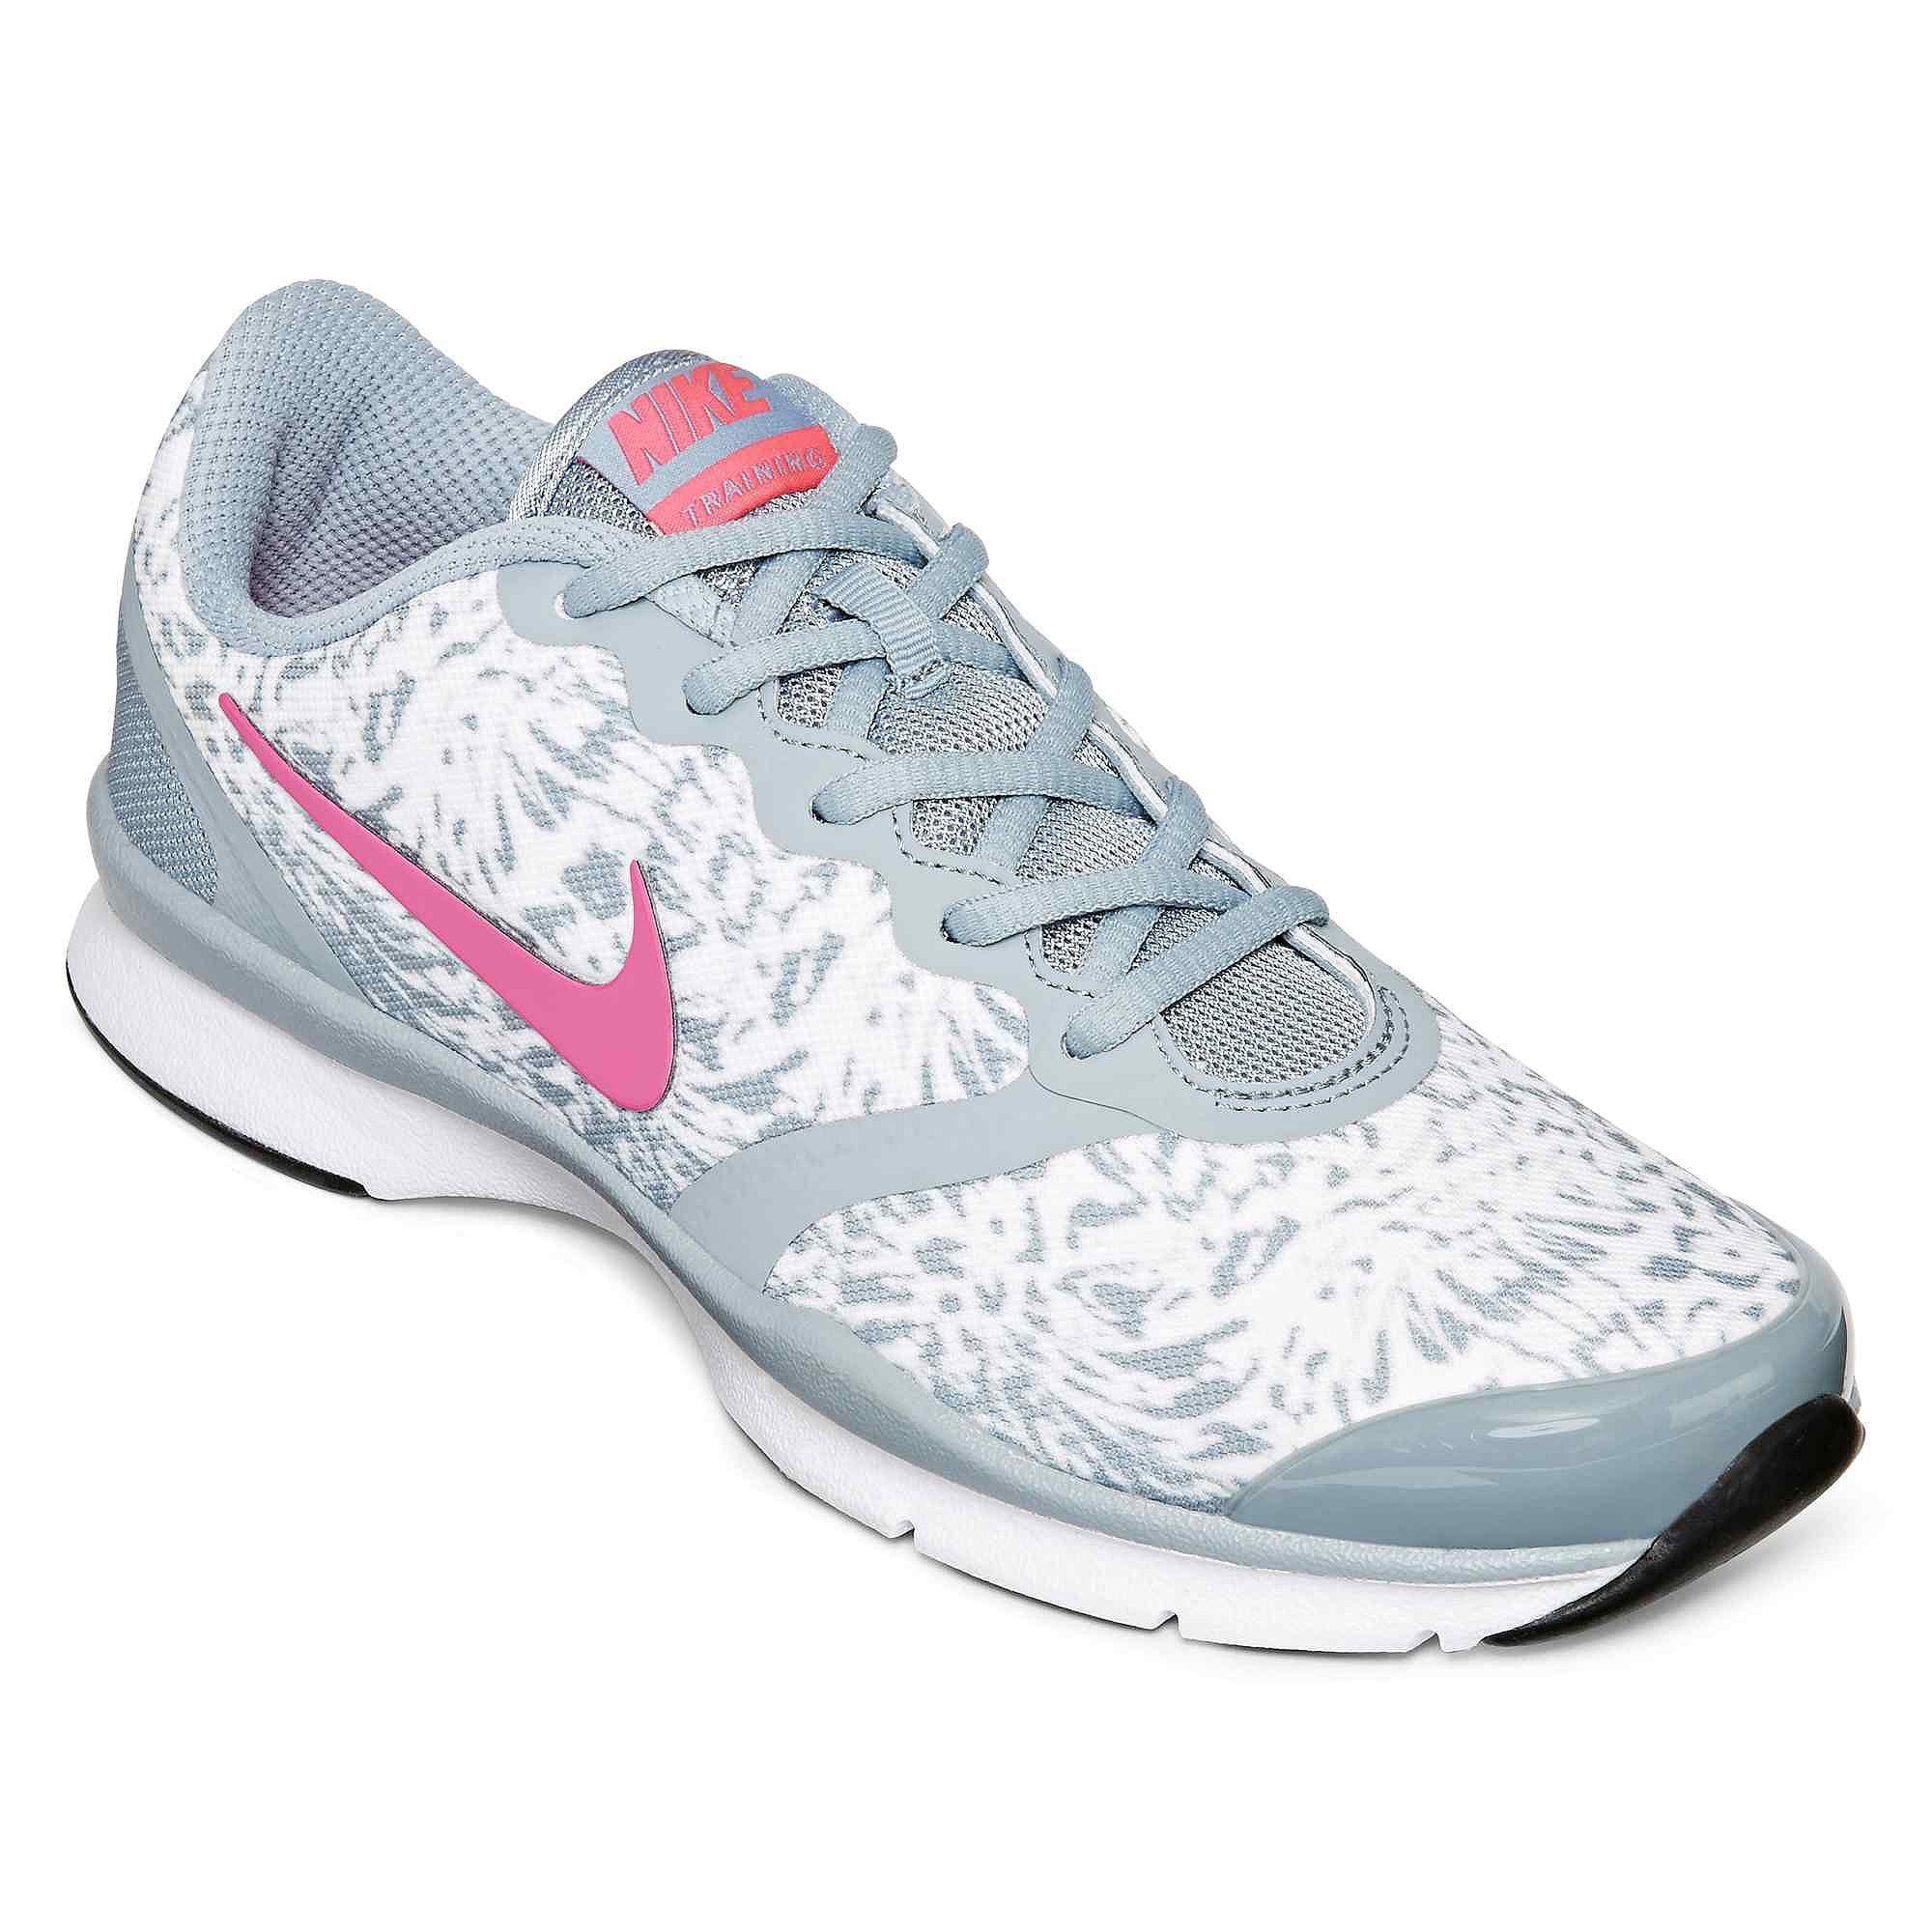 Nike Women's In-Season TR 4 Print Cross Trainer Shoes Dov...